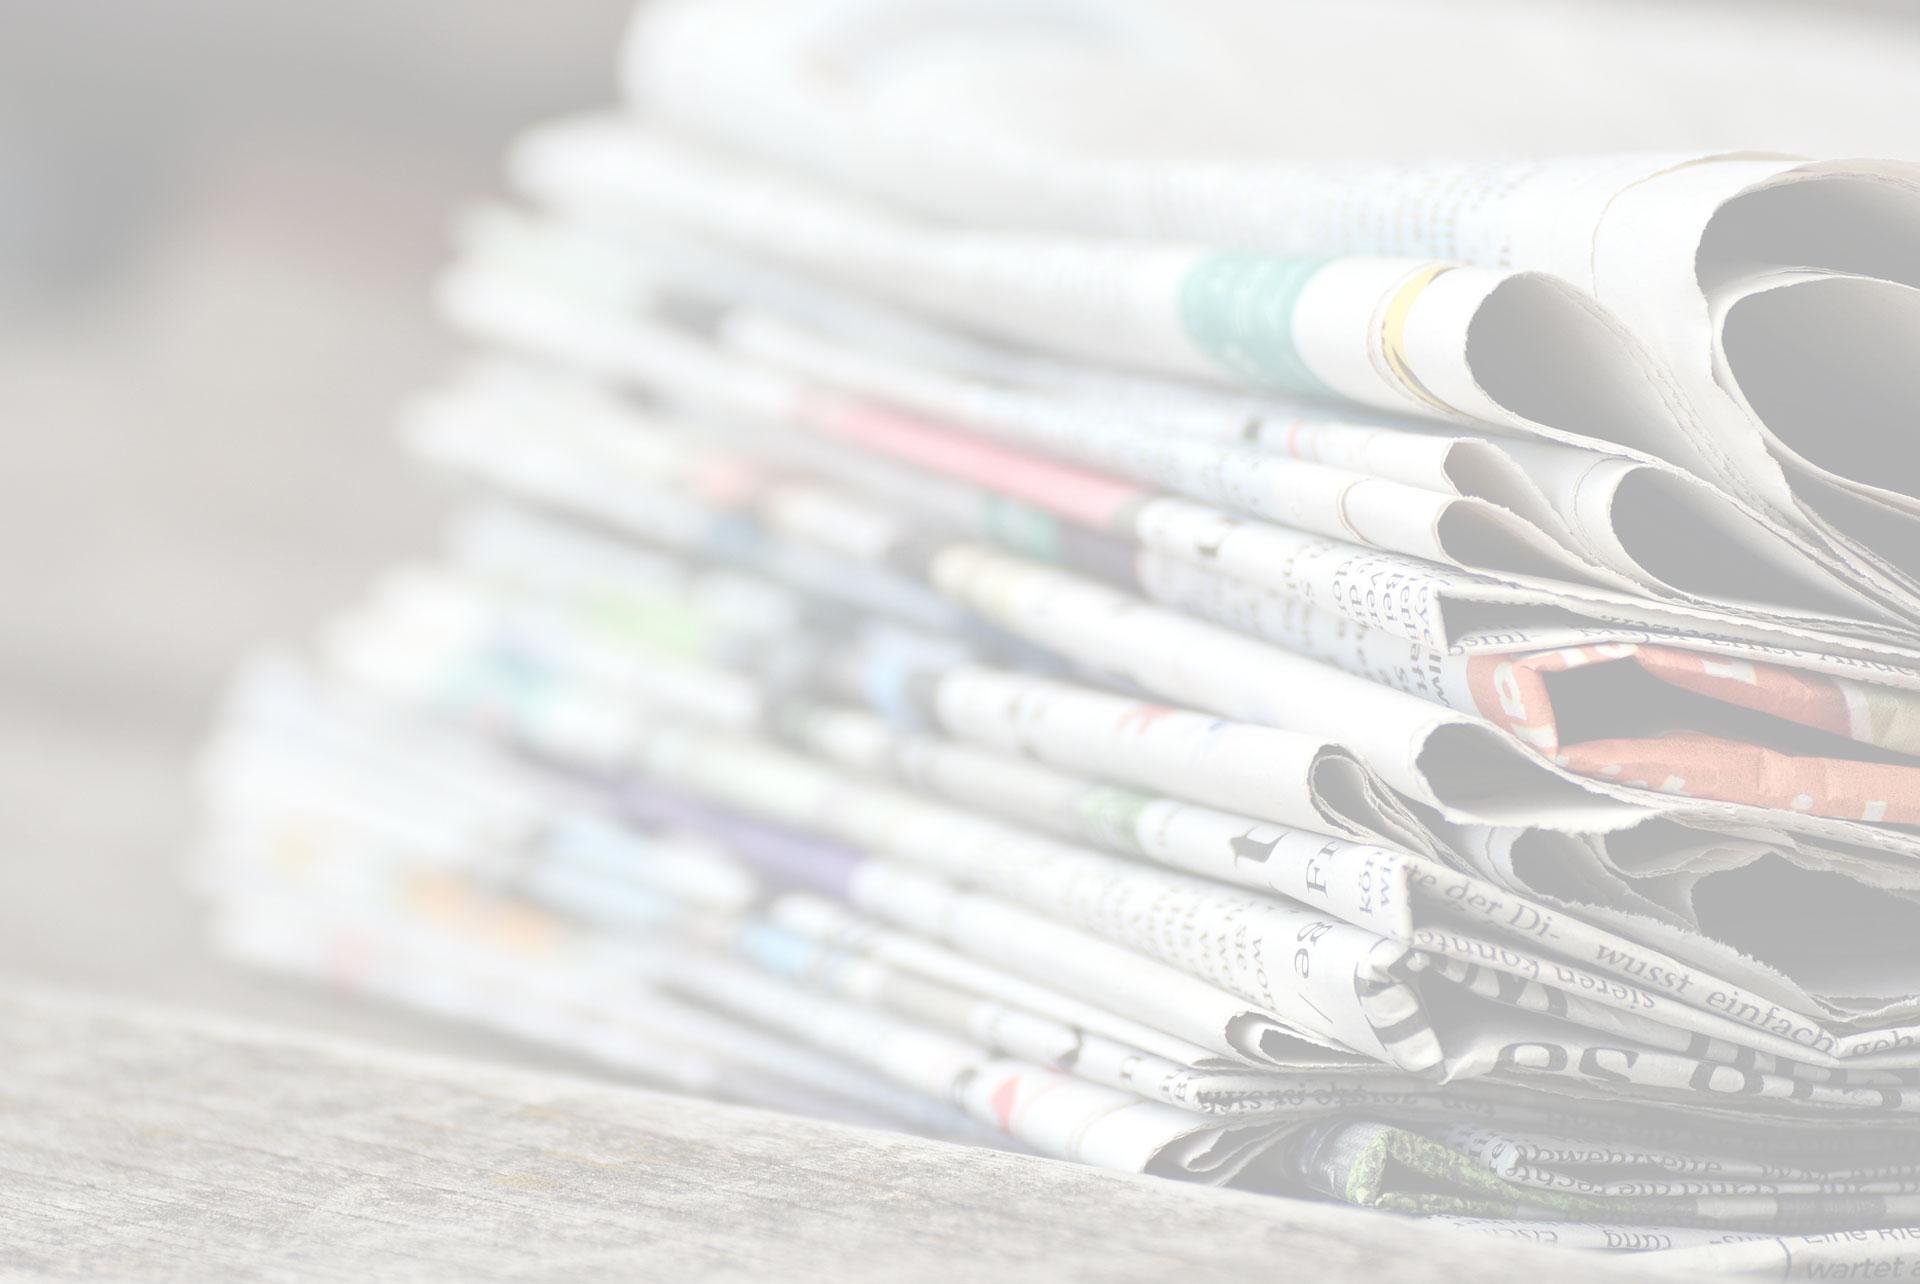 Ambasciata francese a Roma